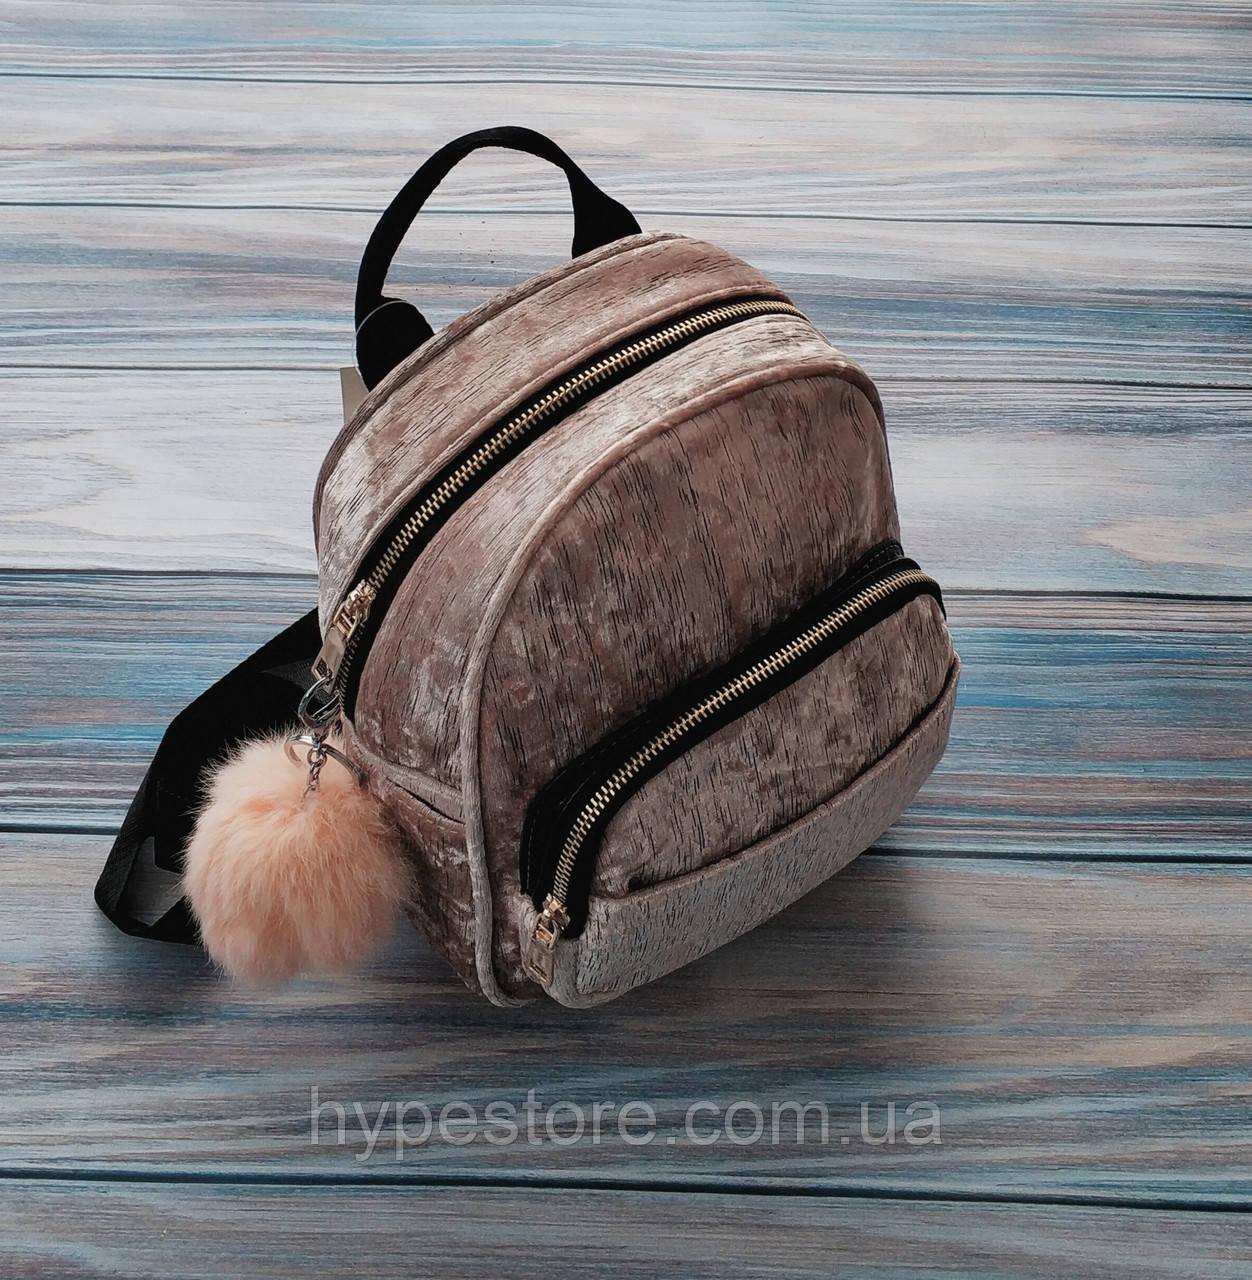 Городской компактный женский рюкзак,велюр с серебристым напылением,см.замеры в ПОЛНОМ ОПИСАНИИ товара